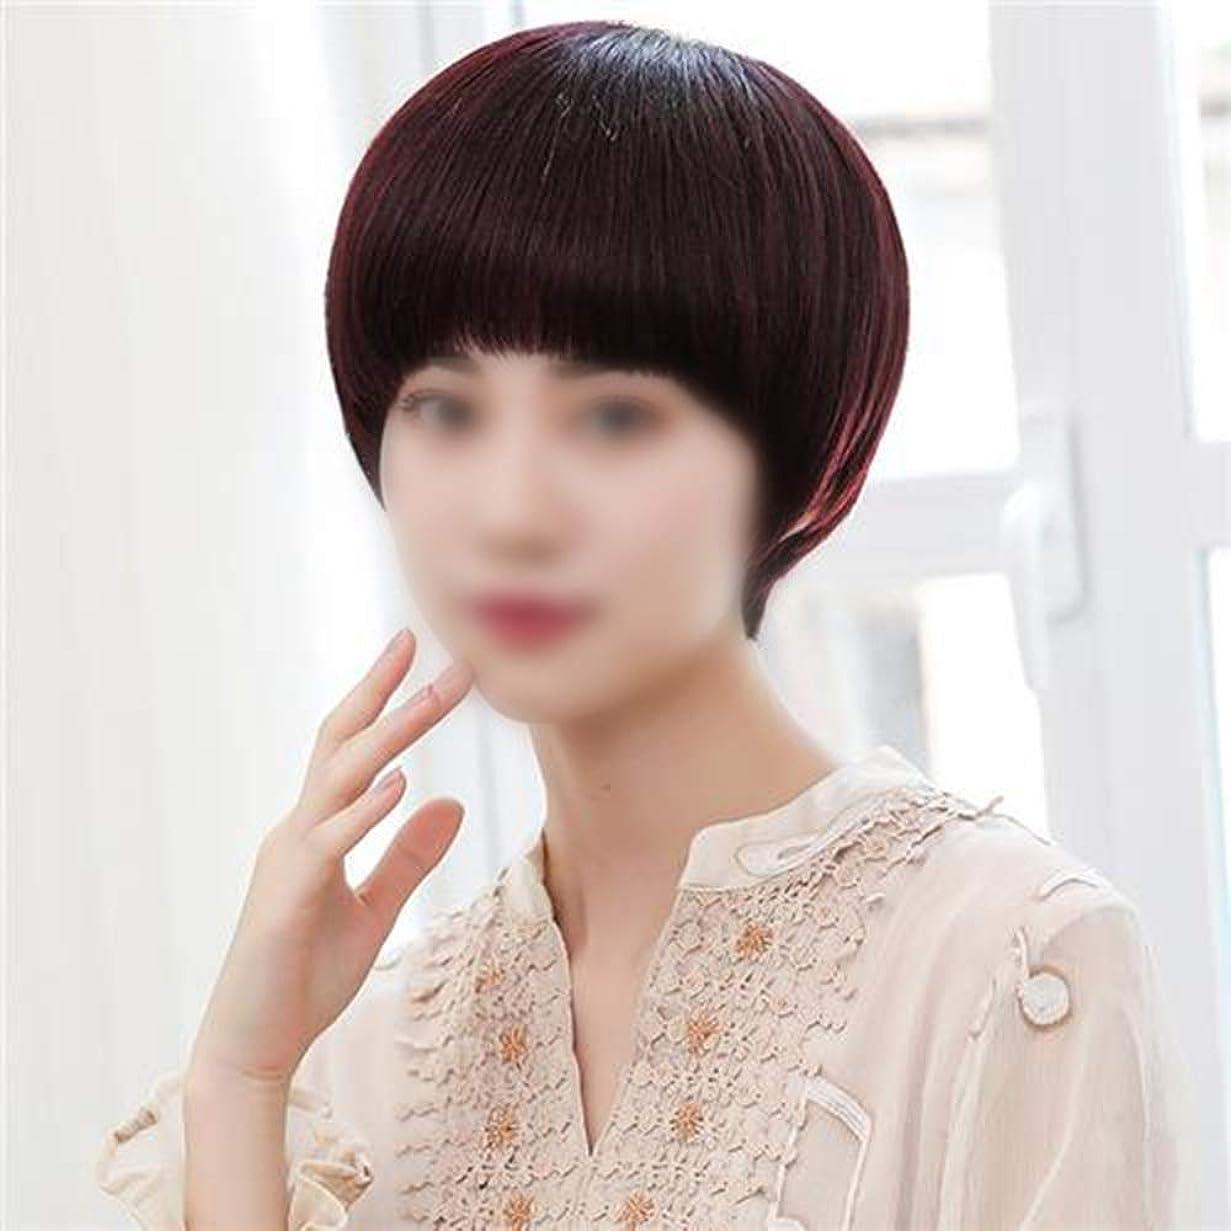 今までスポーツをする横にHOHYLLYA リアルヘア手編みボブショートストレートヘア前髪ふわふわハンサムウィッグ女性のための毎日のドレスファッションかつら (色 : ワインレッド)